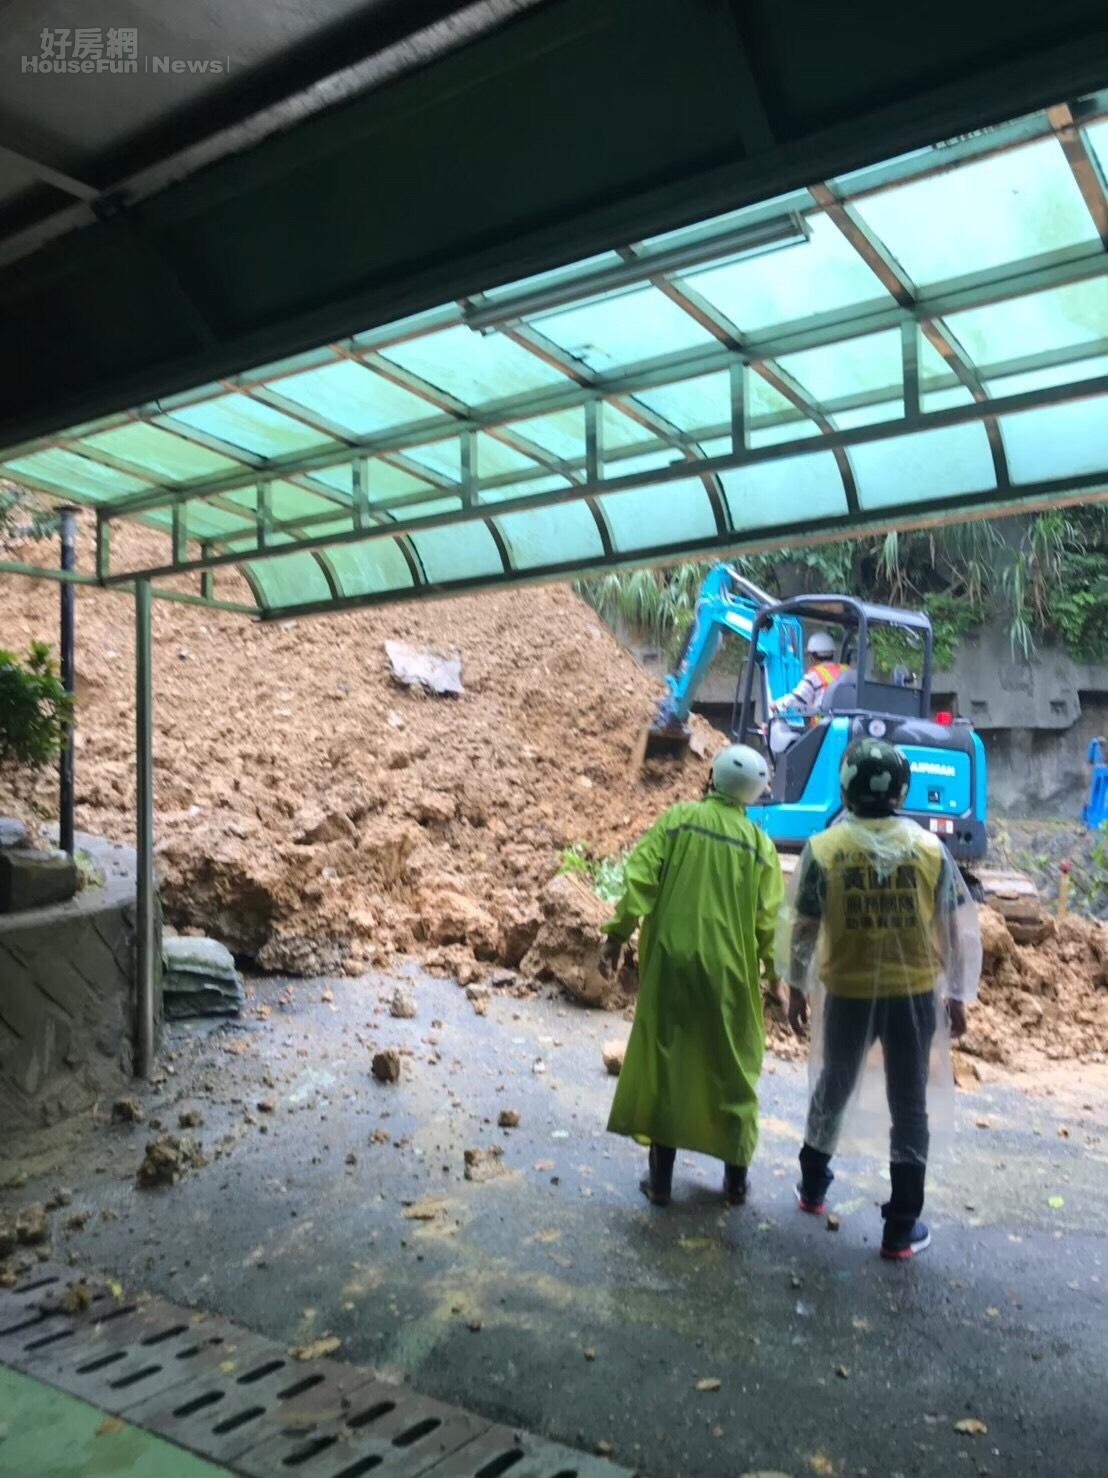 想要為愛屋加保土石流險,須注意地震險不理賠颱風引發的土石流,要另保山崩險。讀者提供